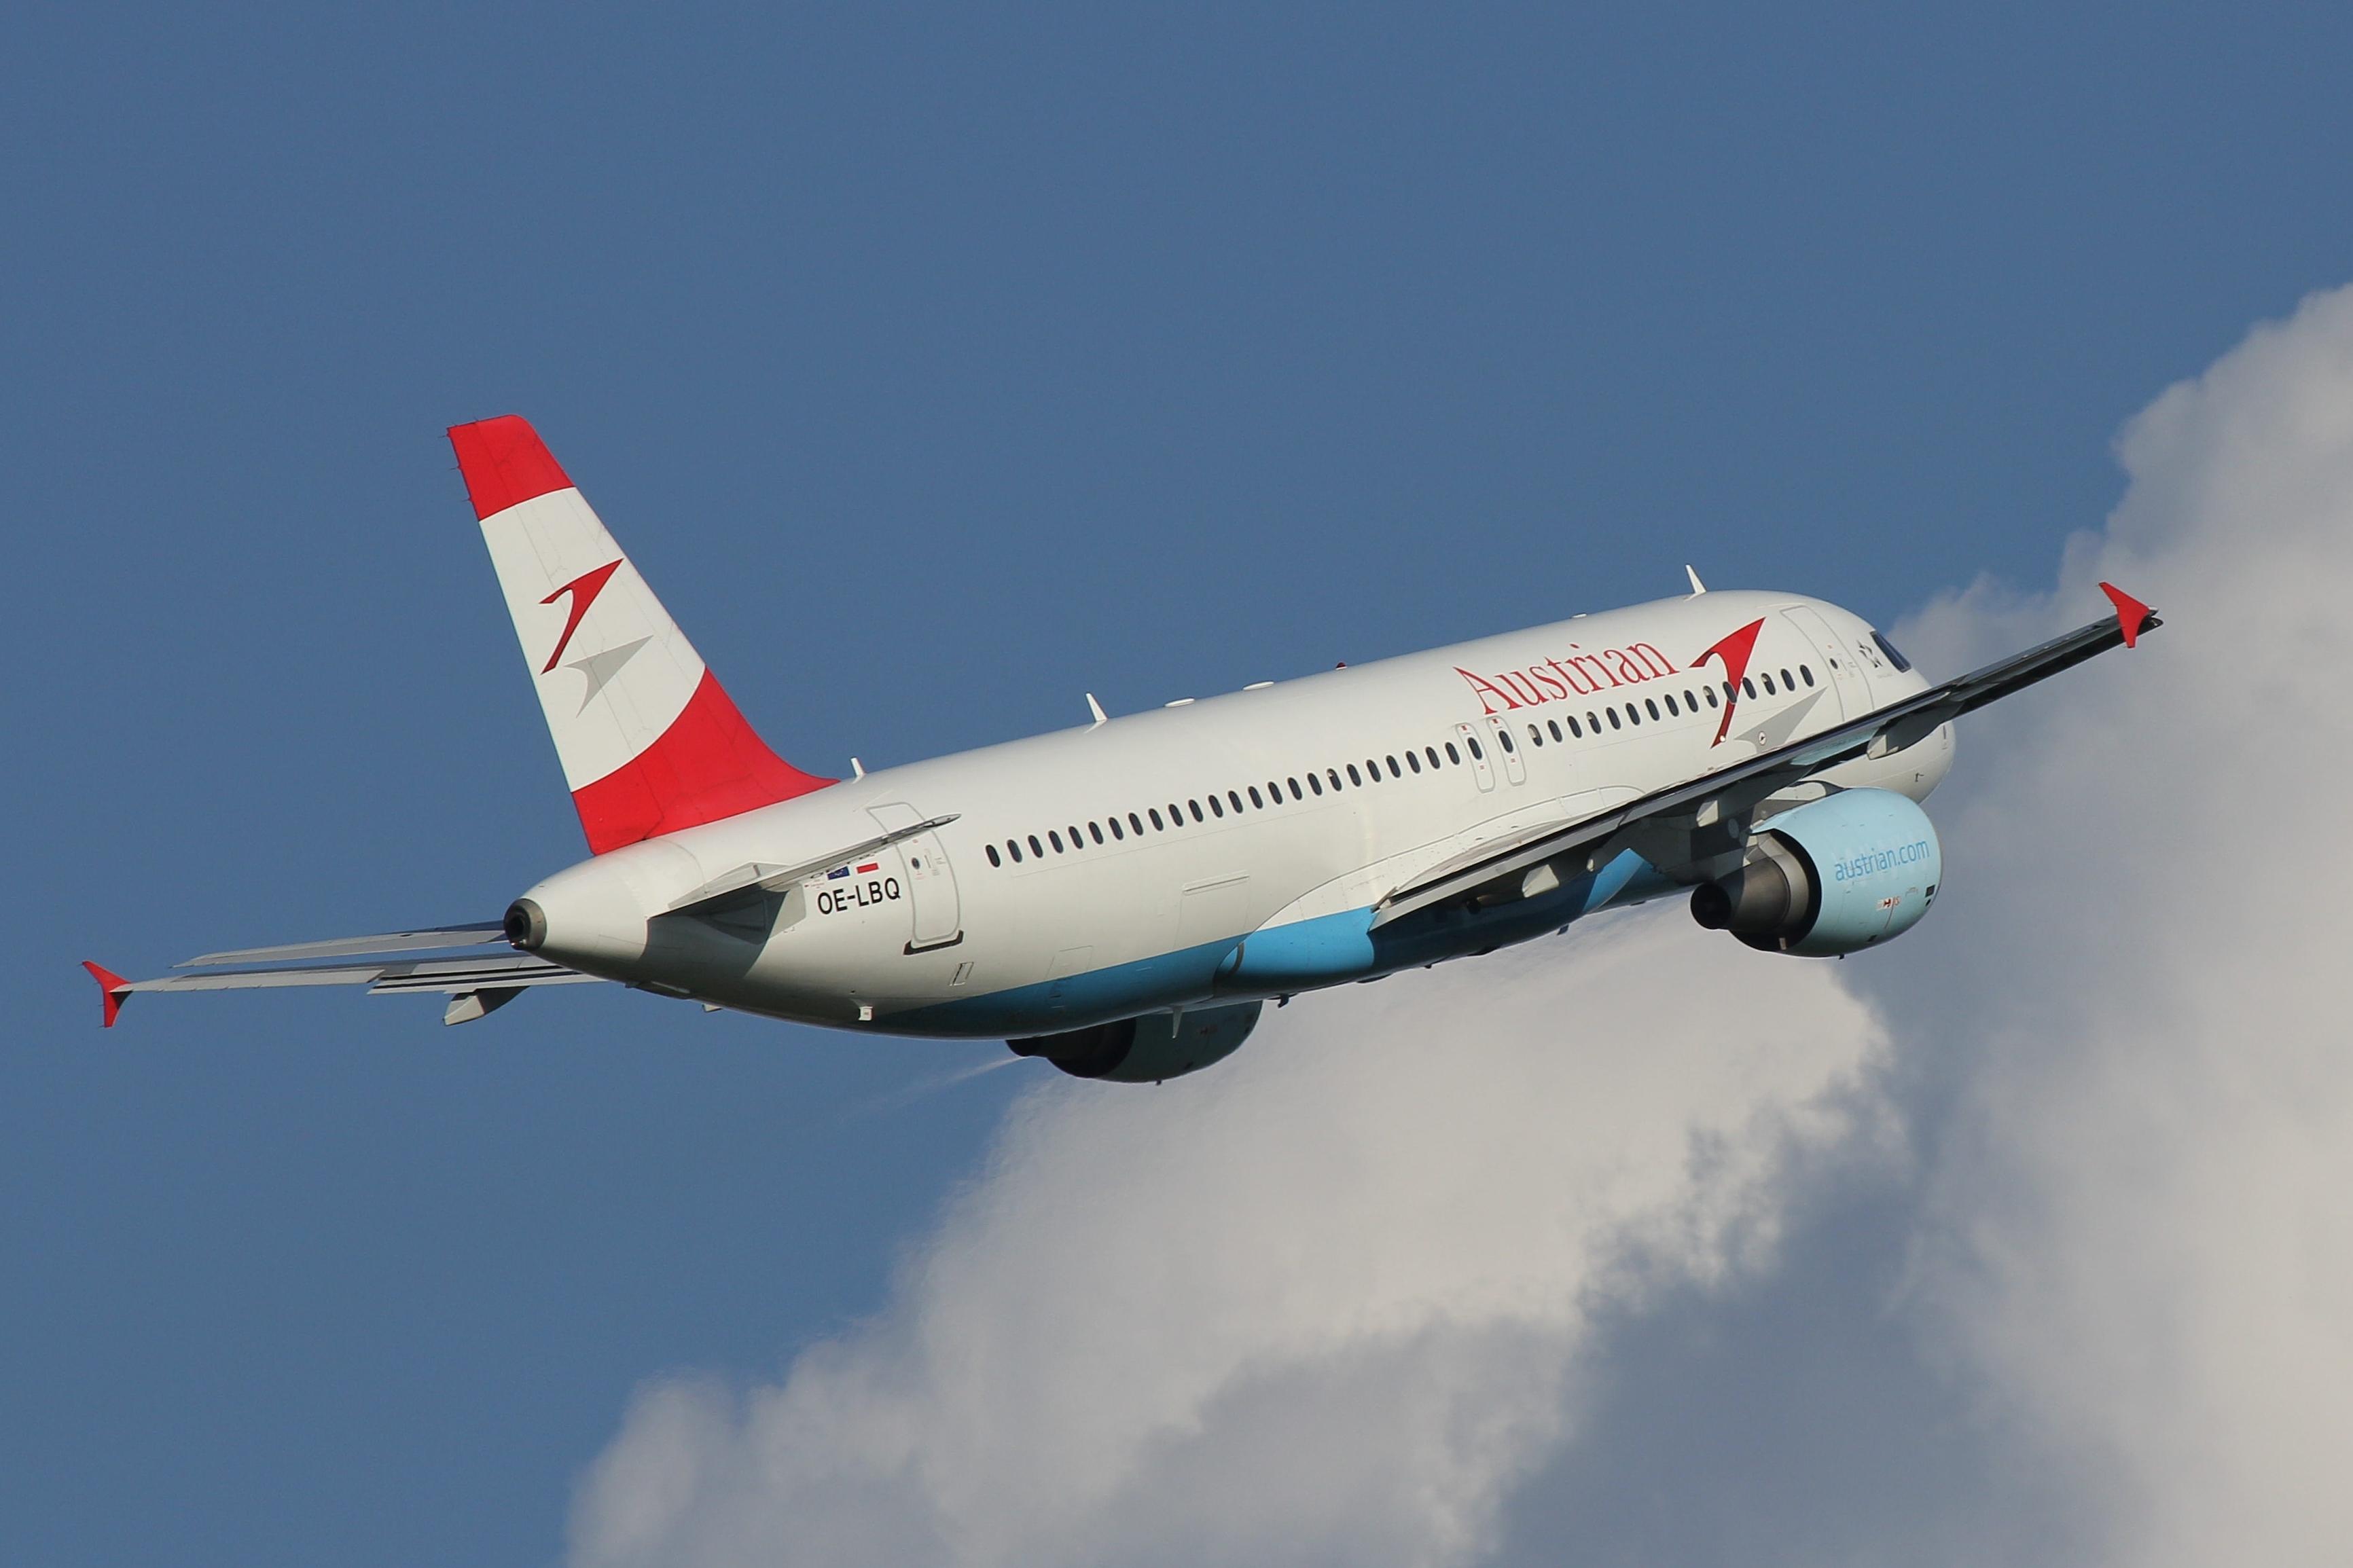 Austrian Airlines Airbus A320-214; reg. OE-LBQ; cn 1137